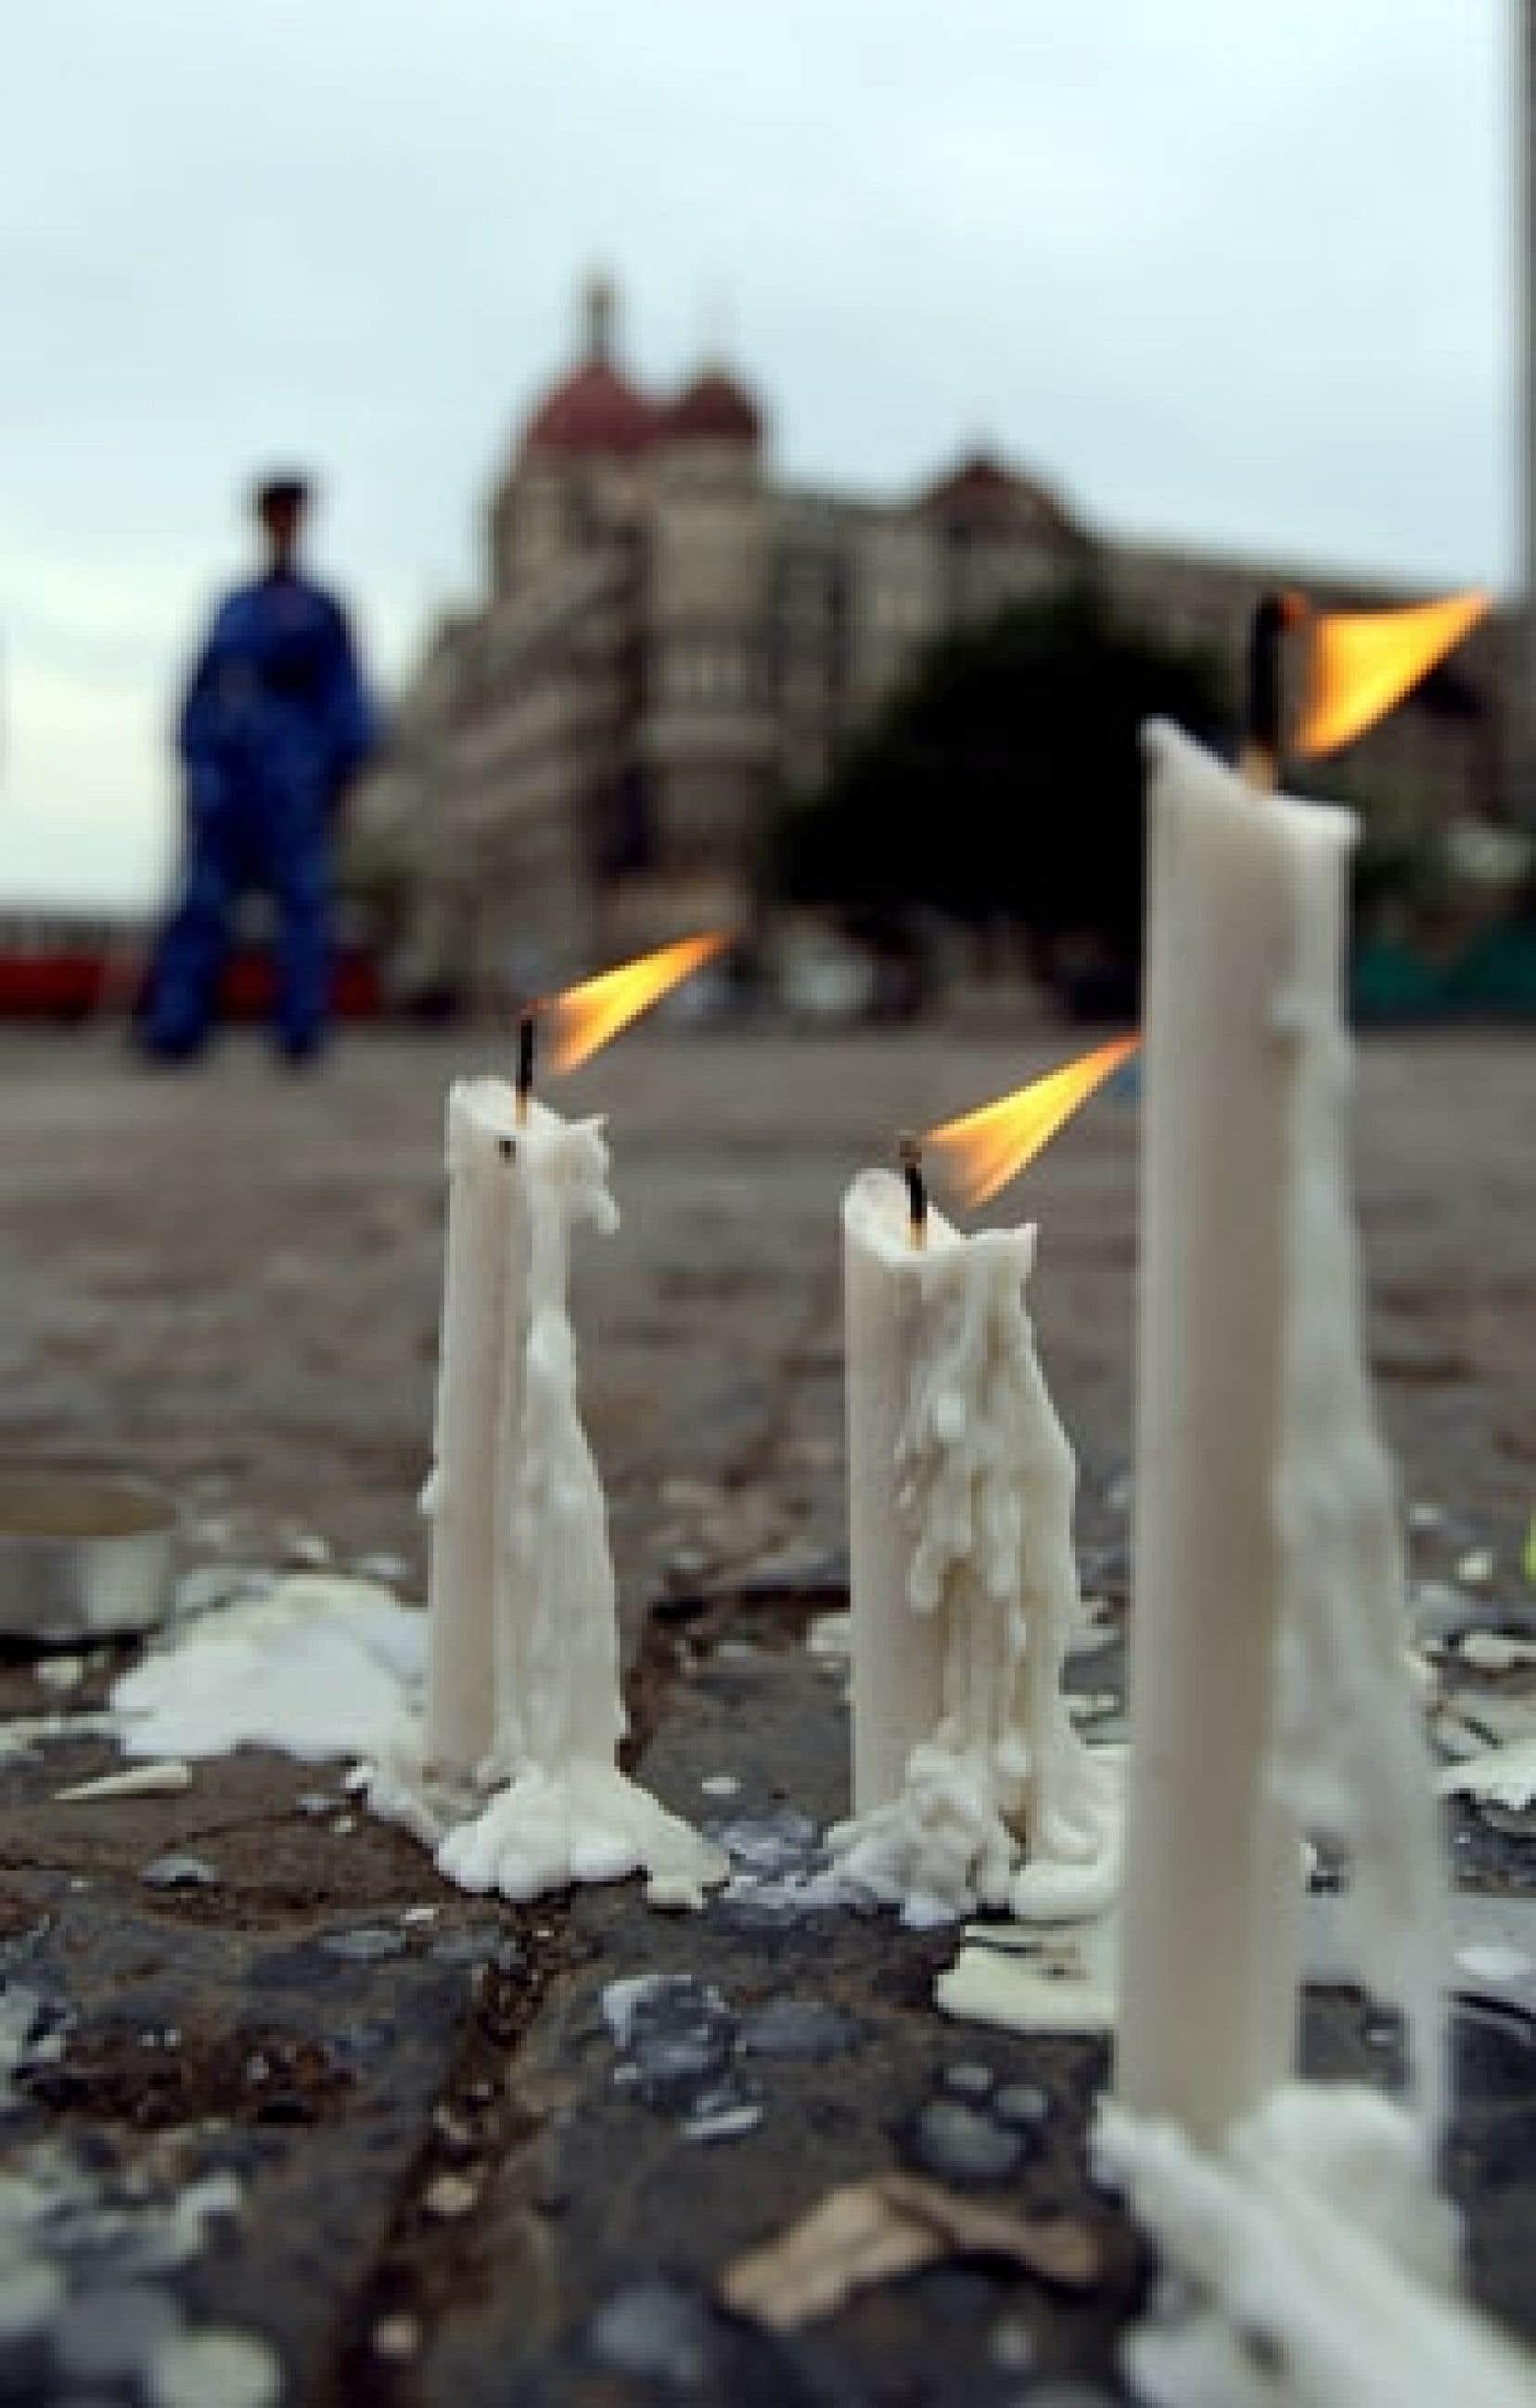 Le dernier bilan des attaques terroristes, revu à la baisse mais encore susceptible de bouger, s'établissait à 174 morts.